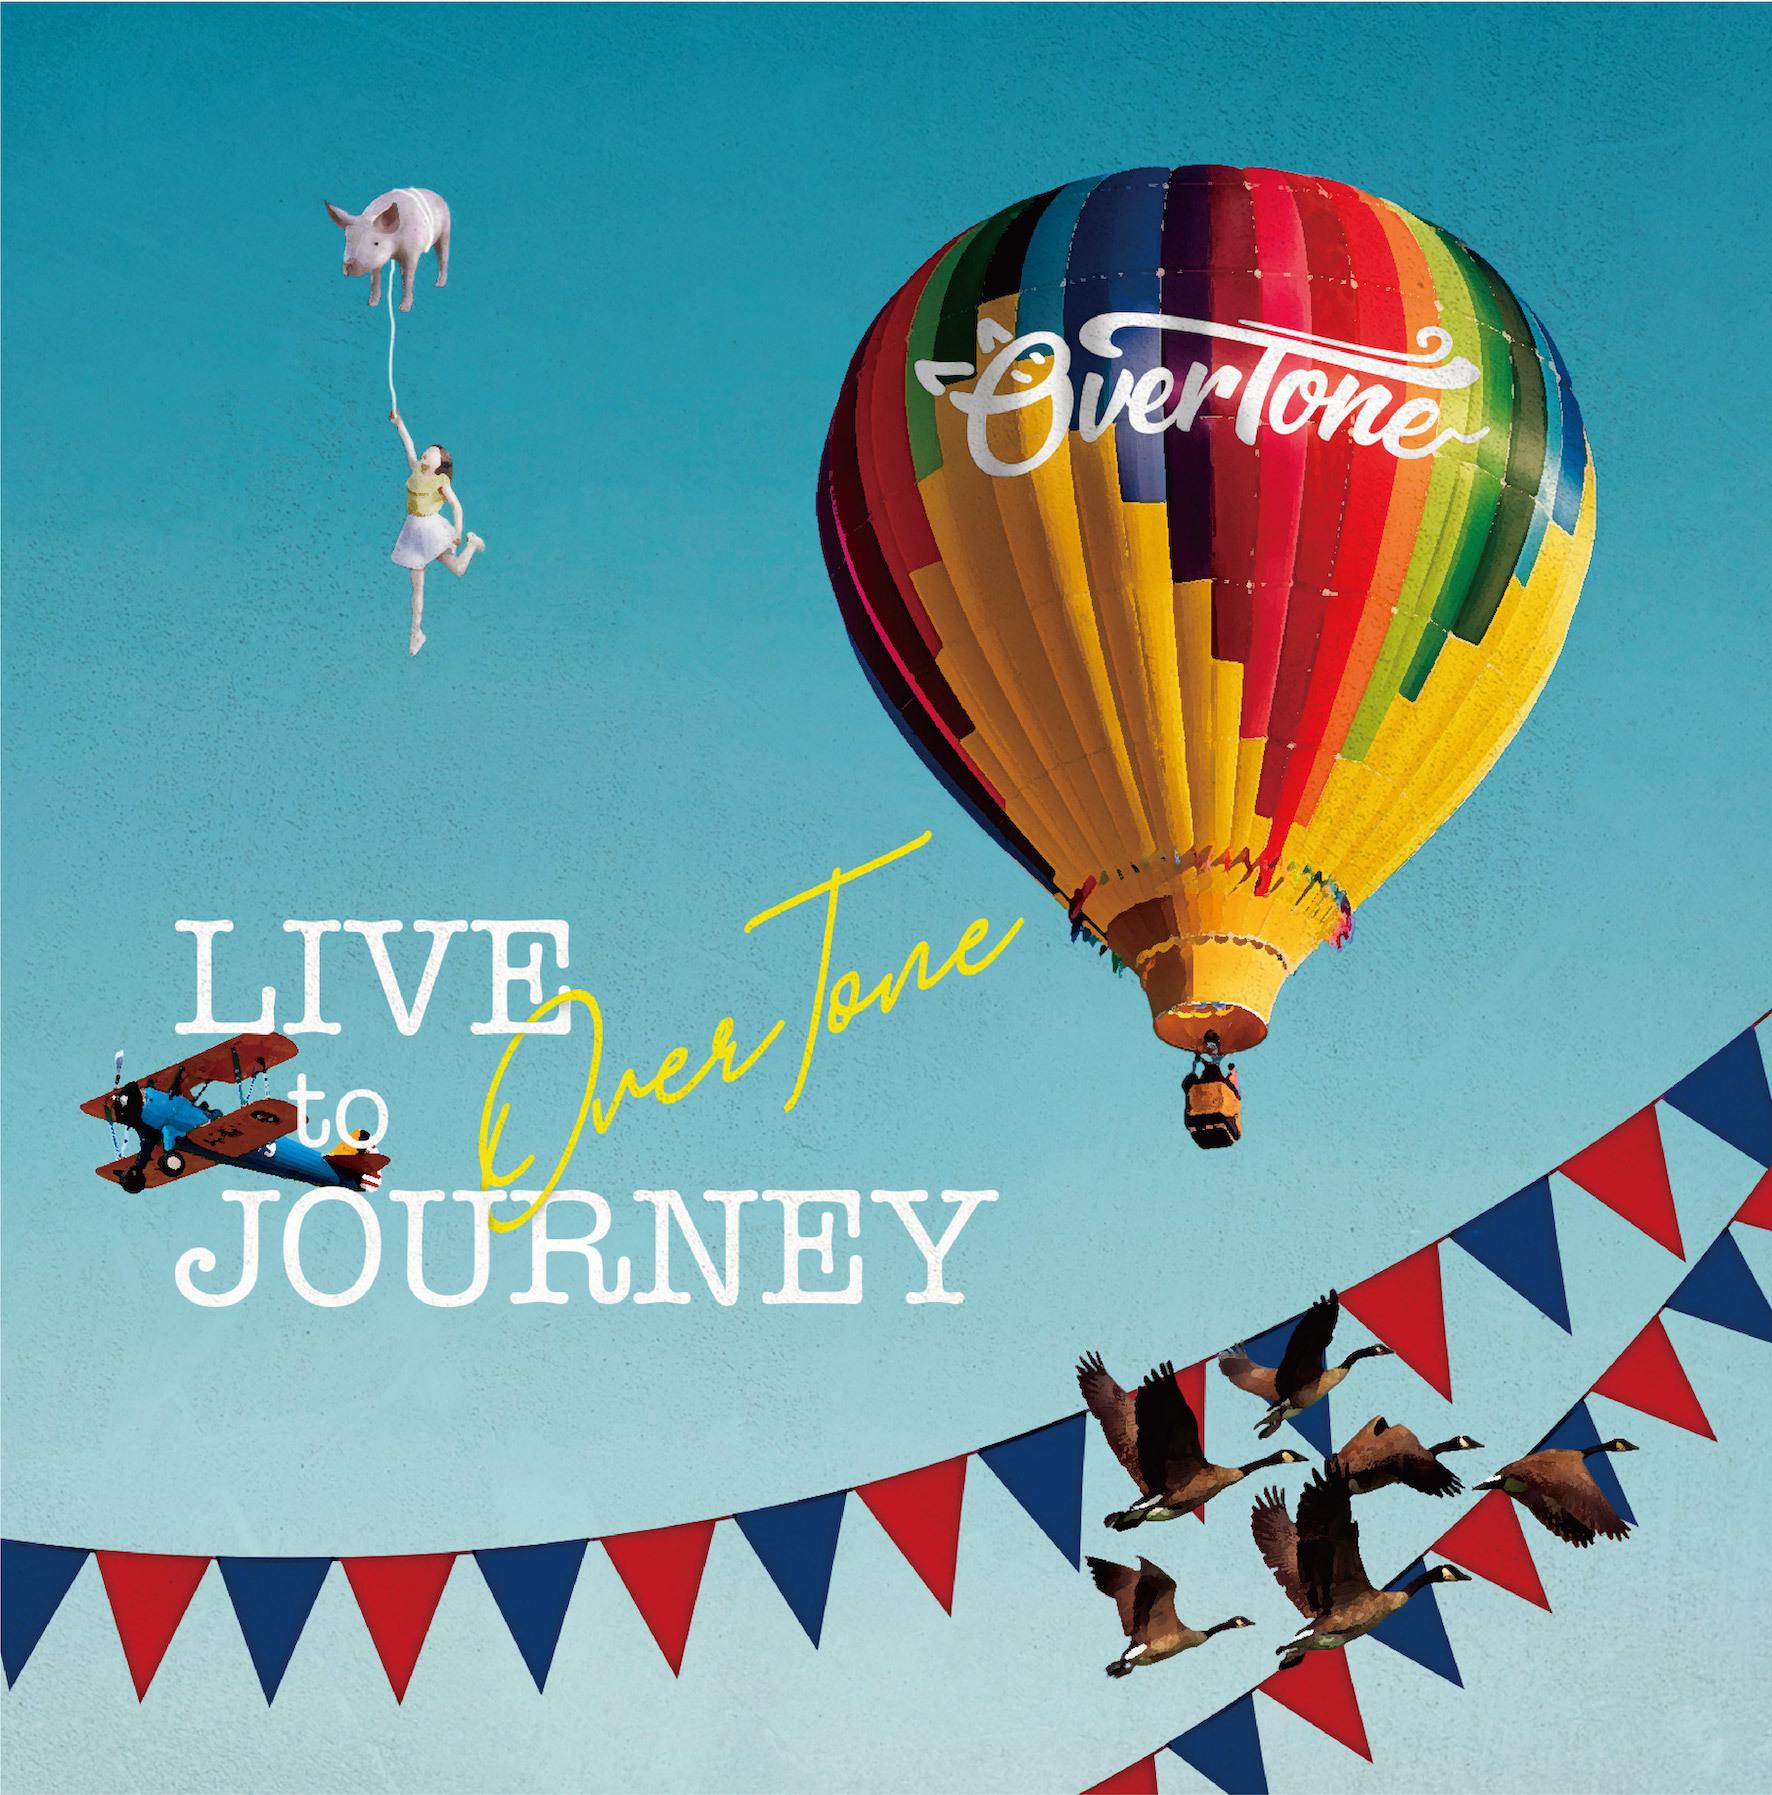 Overtone_live_to_journey_%e3%82%b8%e3%83%a3%e3%82%b1%e5%86%99%e3%81%ae%e3%82%b3%e3%83%94%e3%83%bc